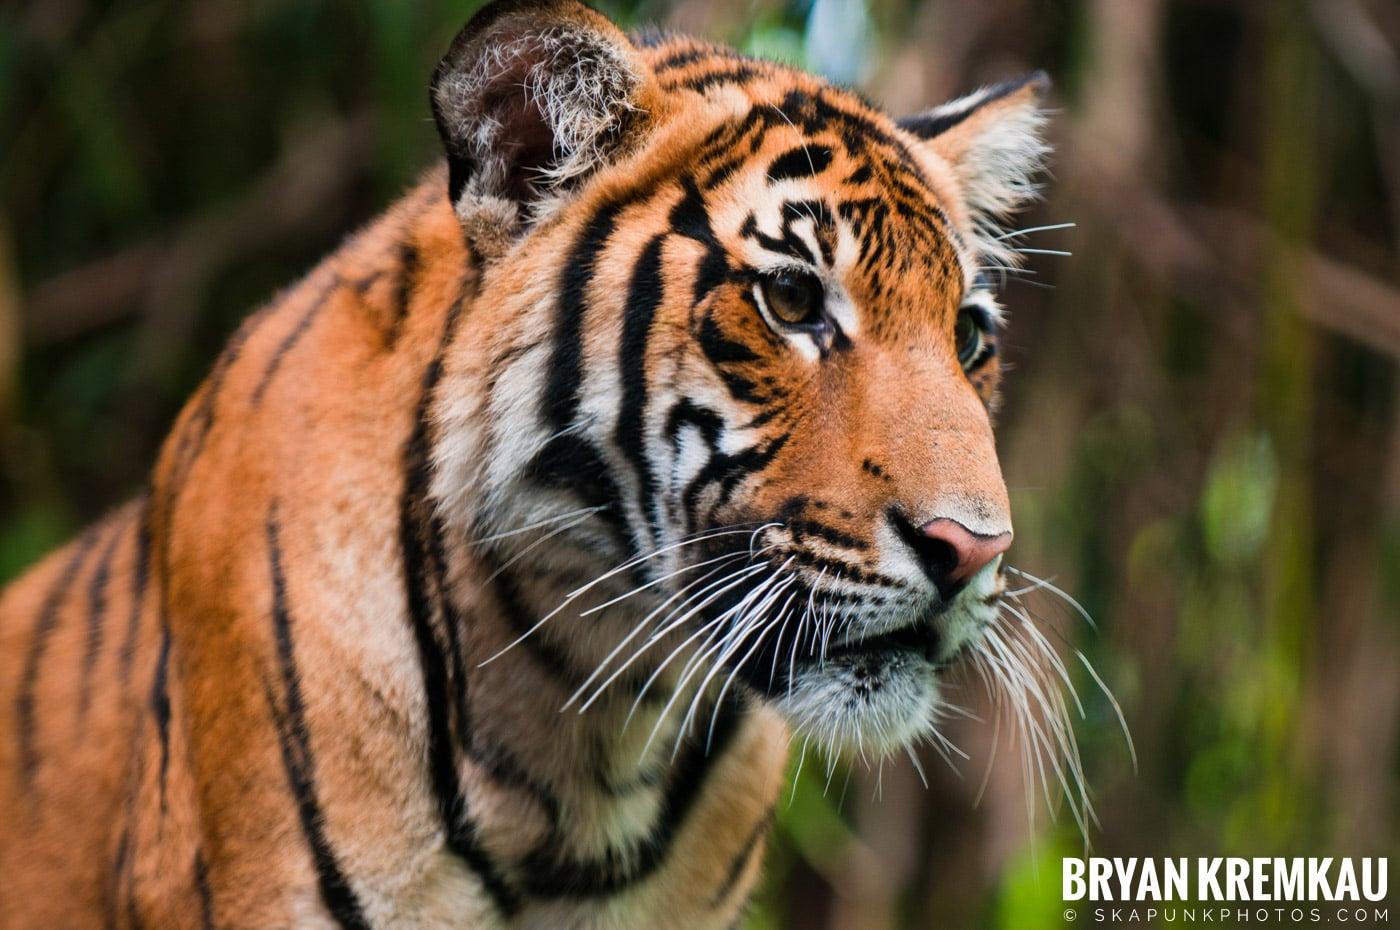 The Bronx Zoo @ Bronx, NYC - 5.7.11 (7)